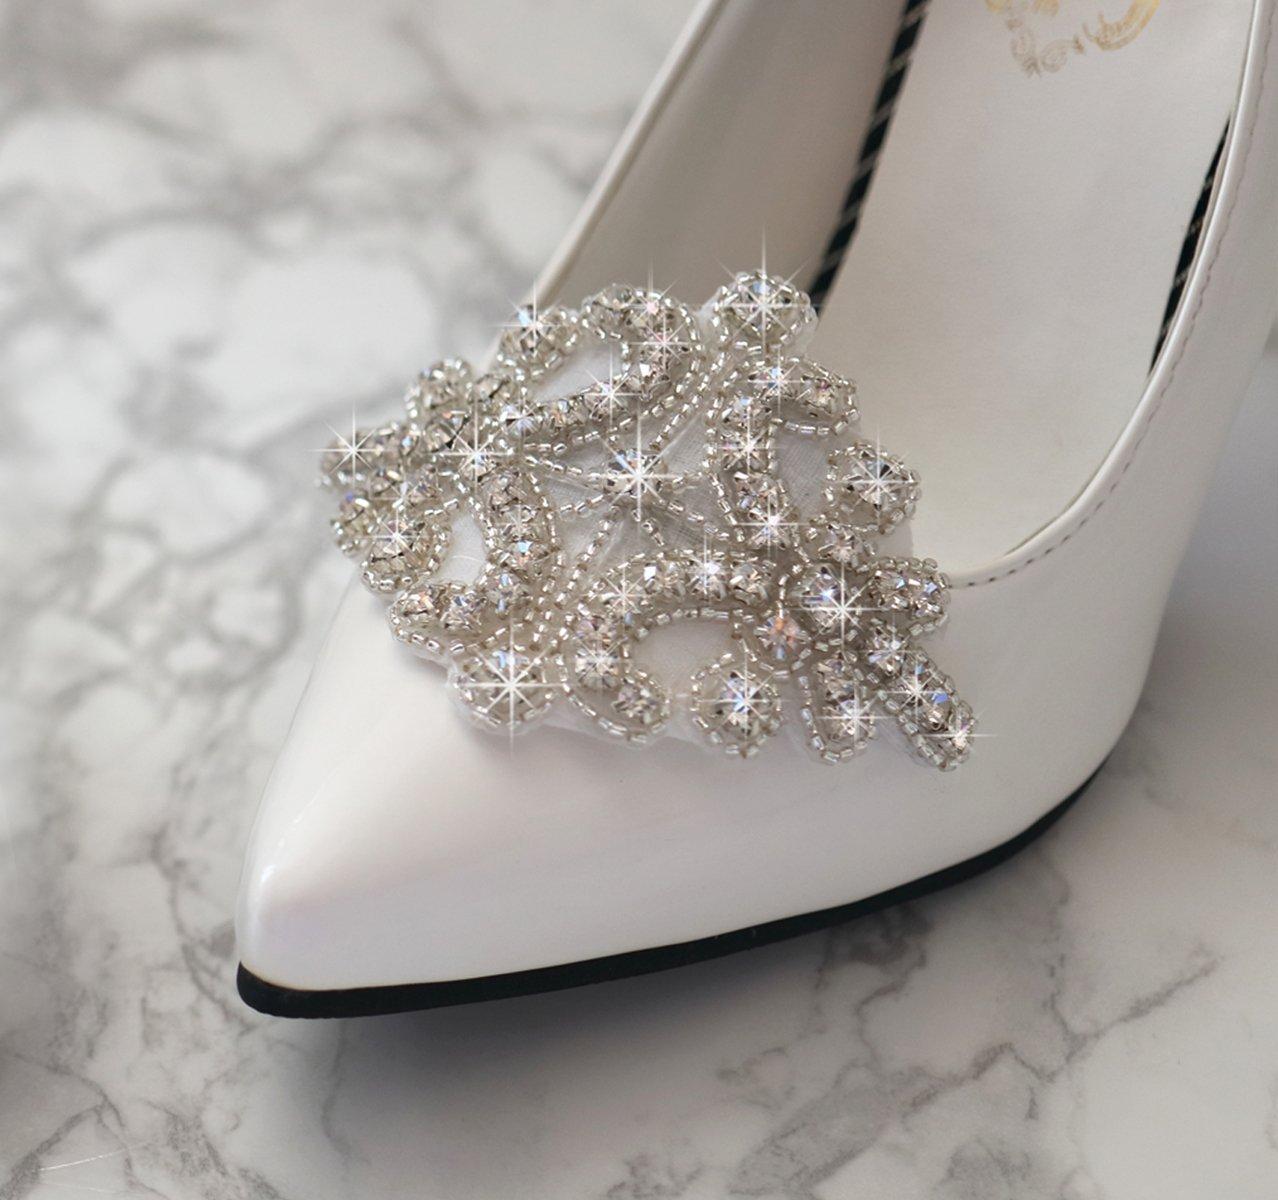 Rhinestone Applique Shoe Clips Shoe Ornaments Shoe Charm Accessories